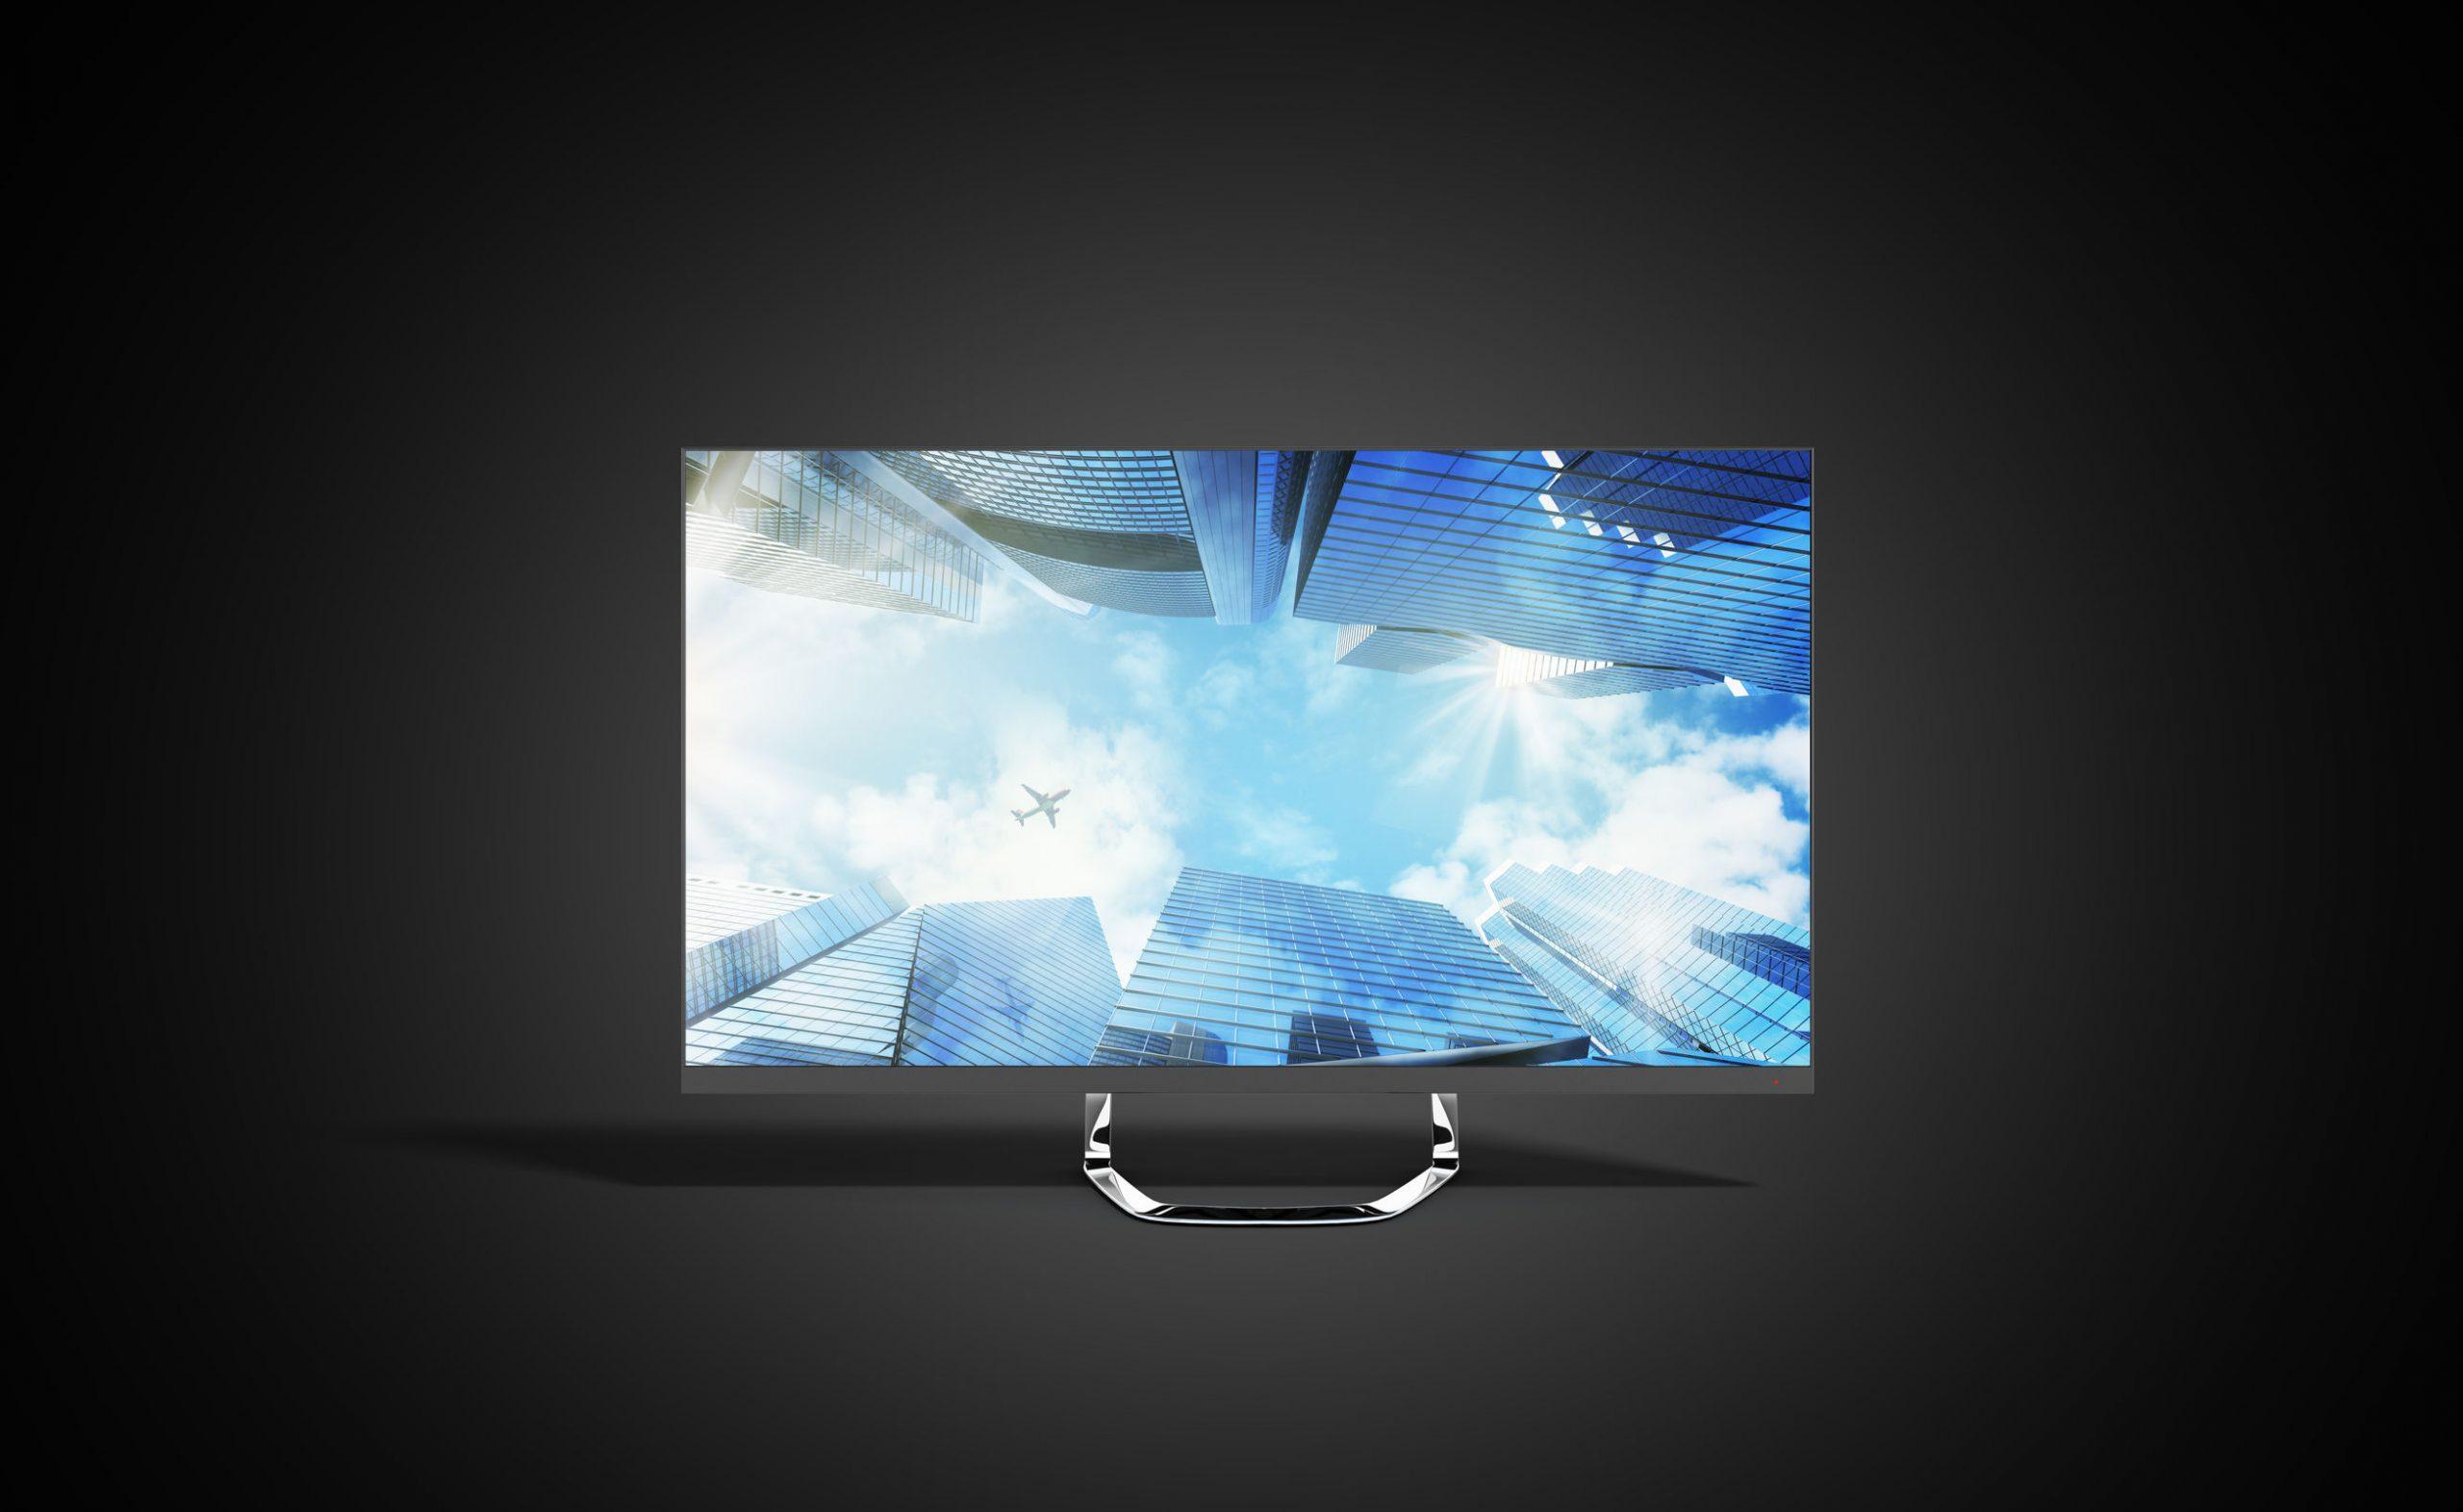 4k monitor 3d render image on black background